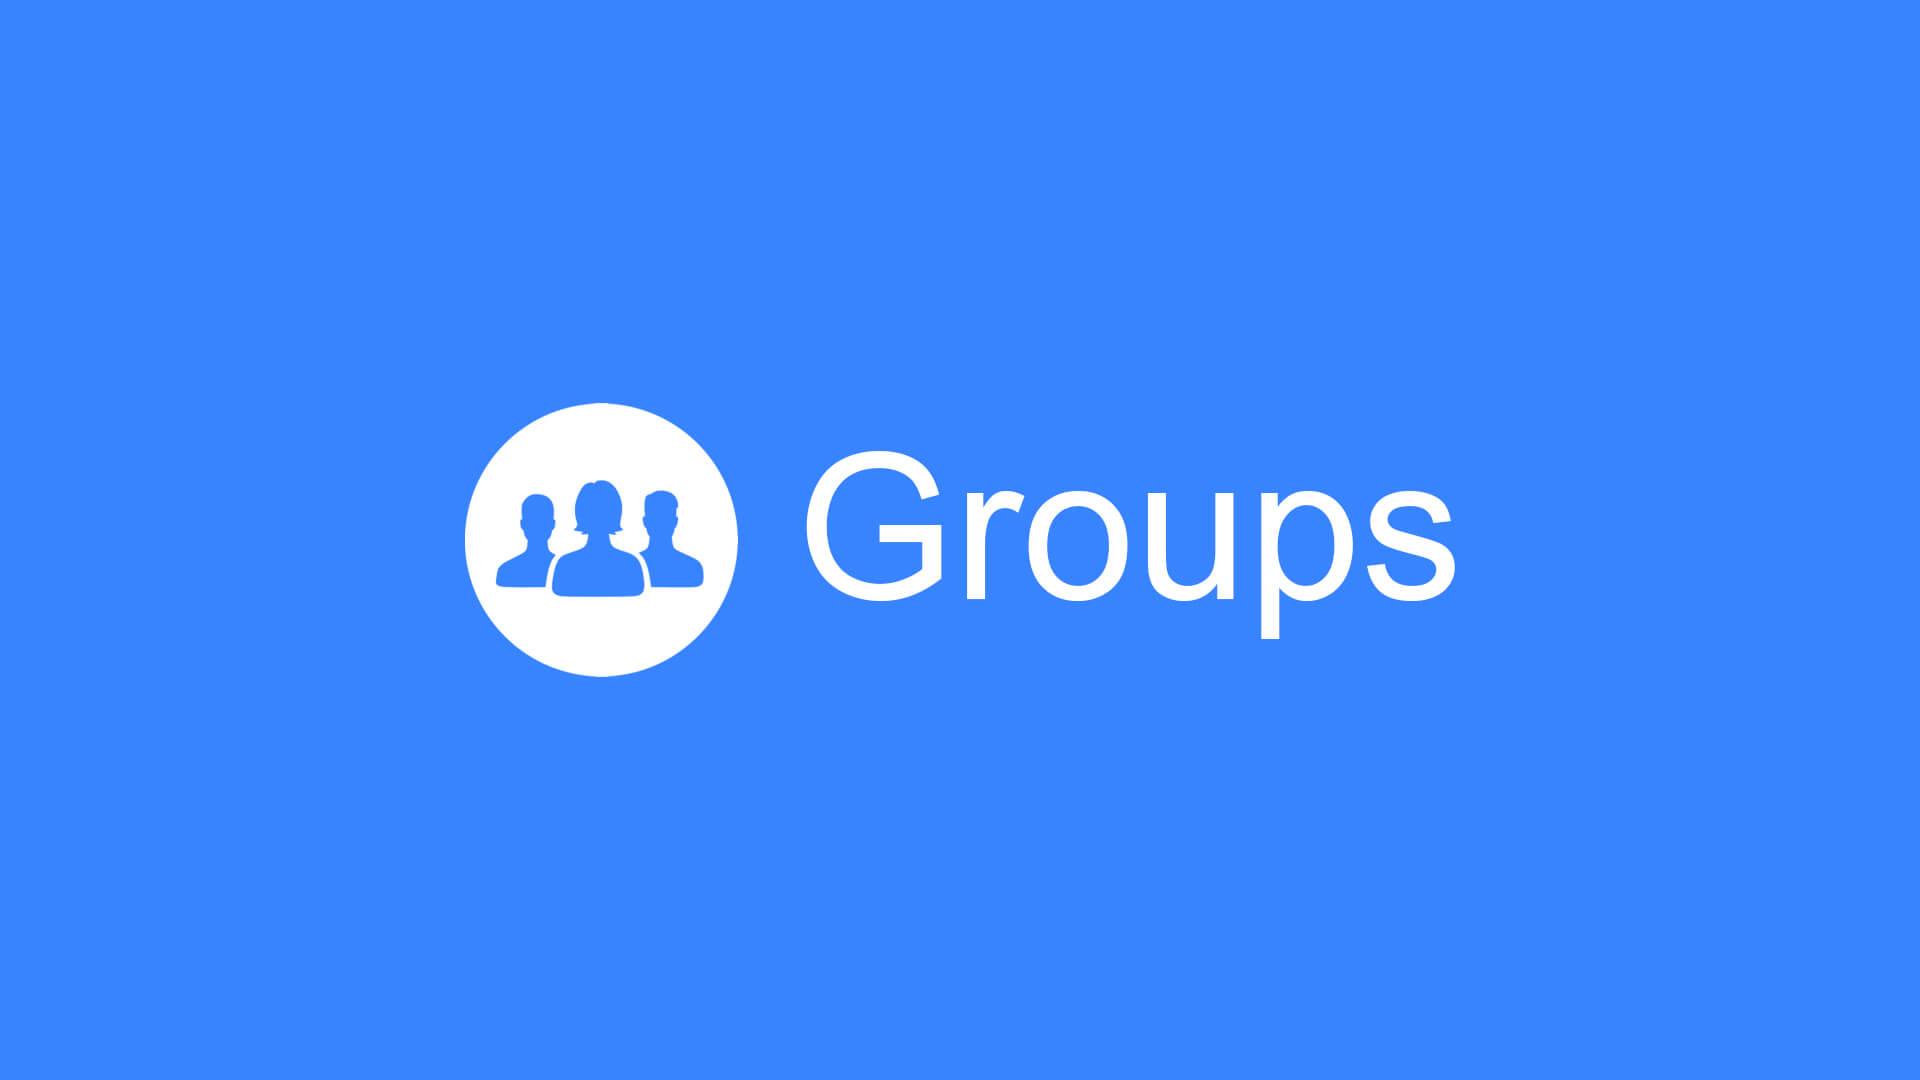 Cac Group Ban Hang Tren Facebook 6